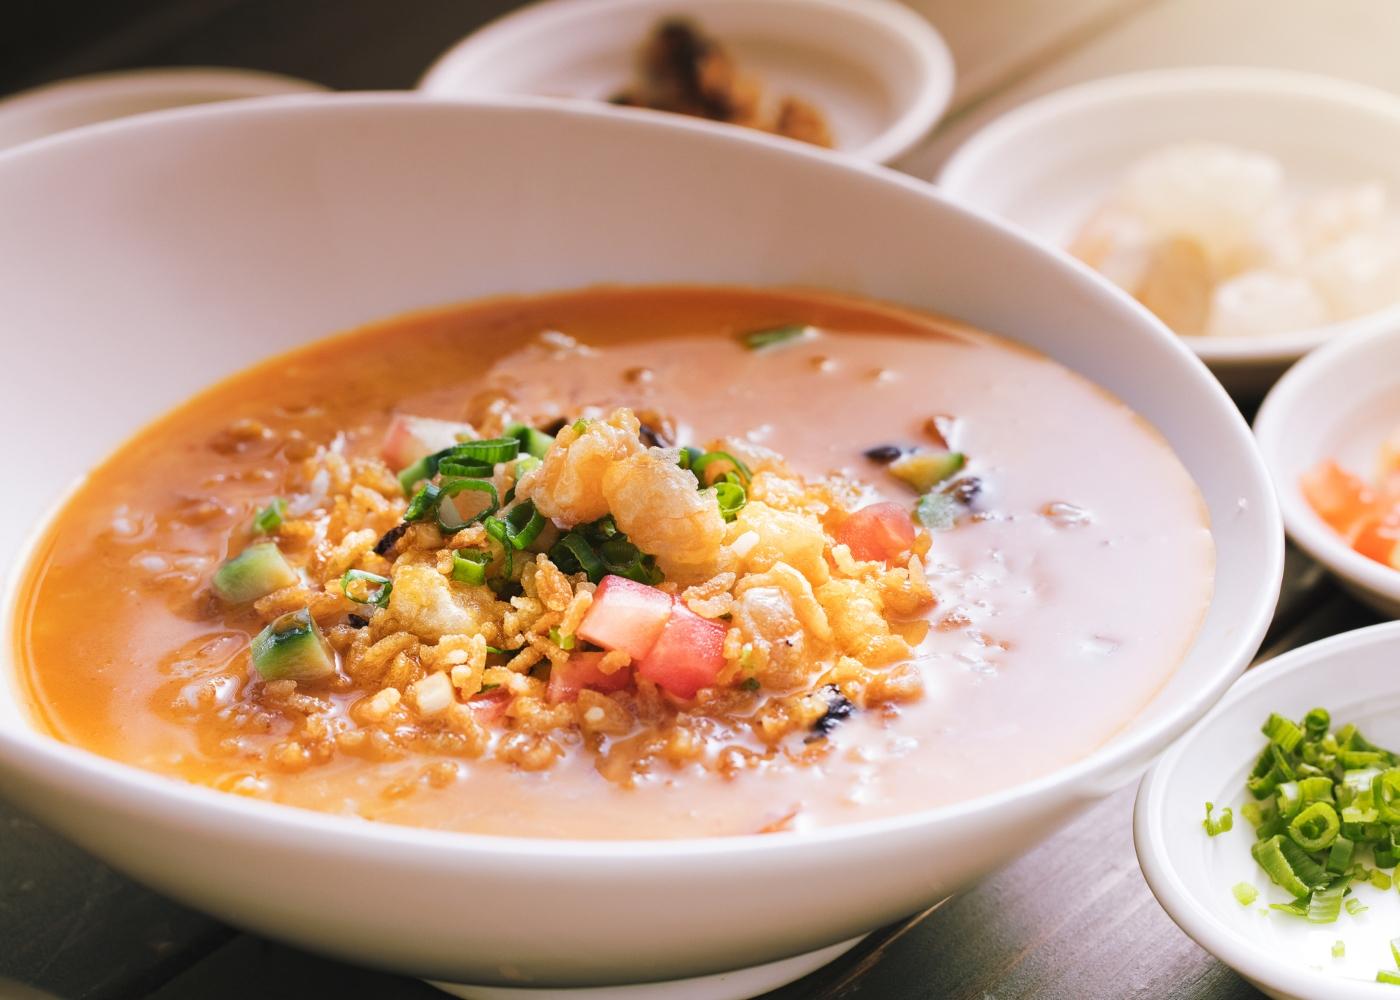 Arroz de bacalhau com piri-piri servido num prato fundo